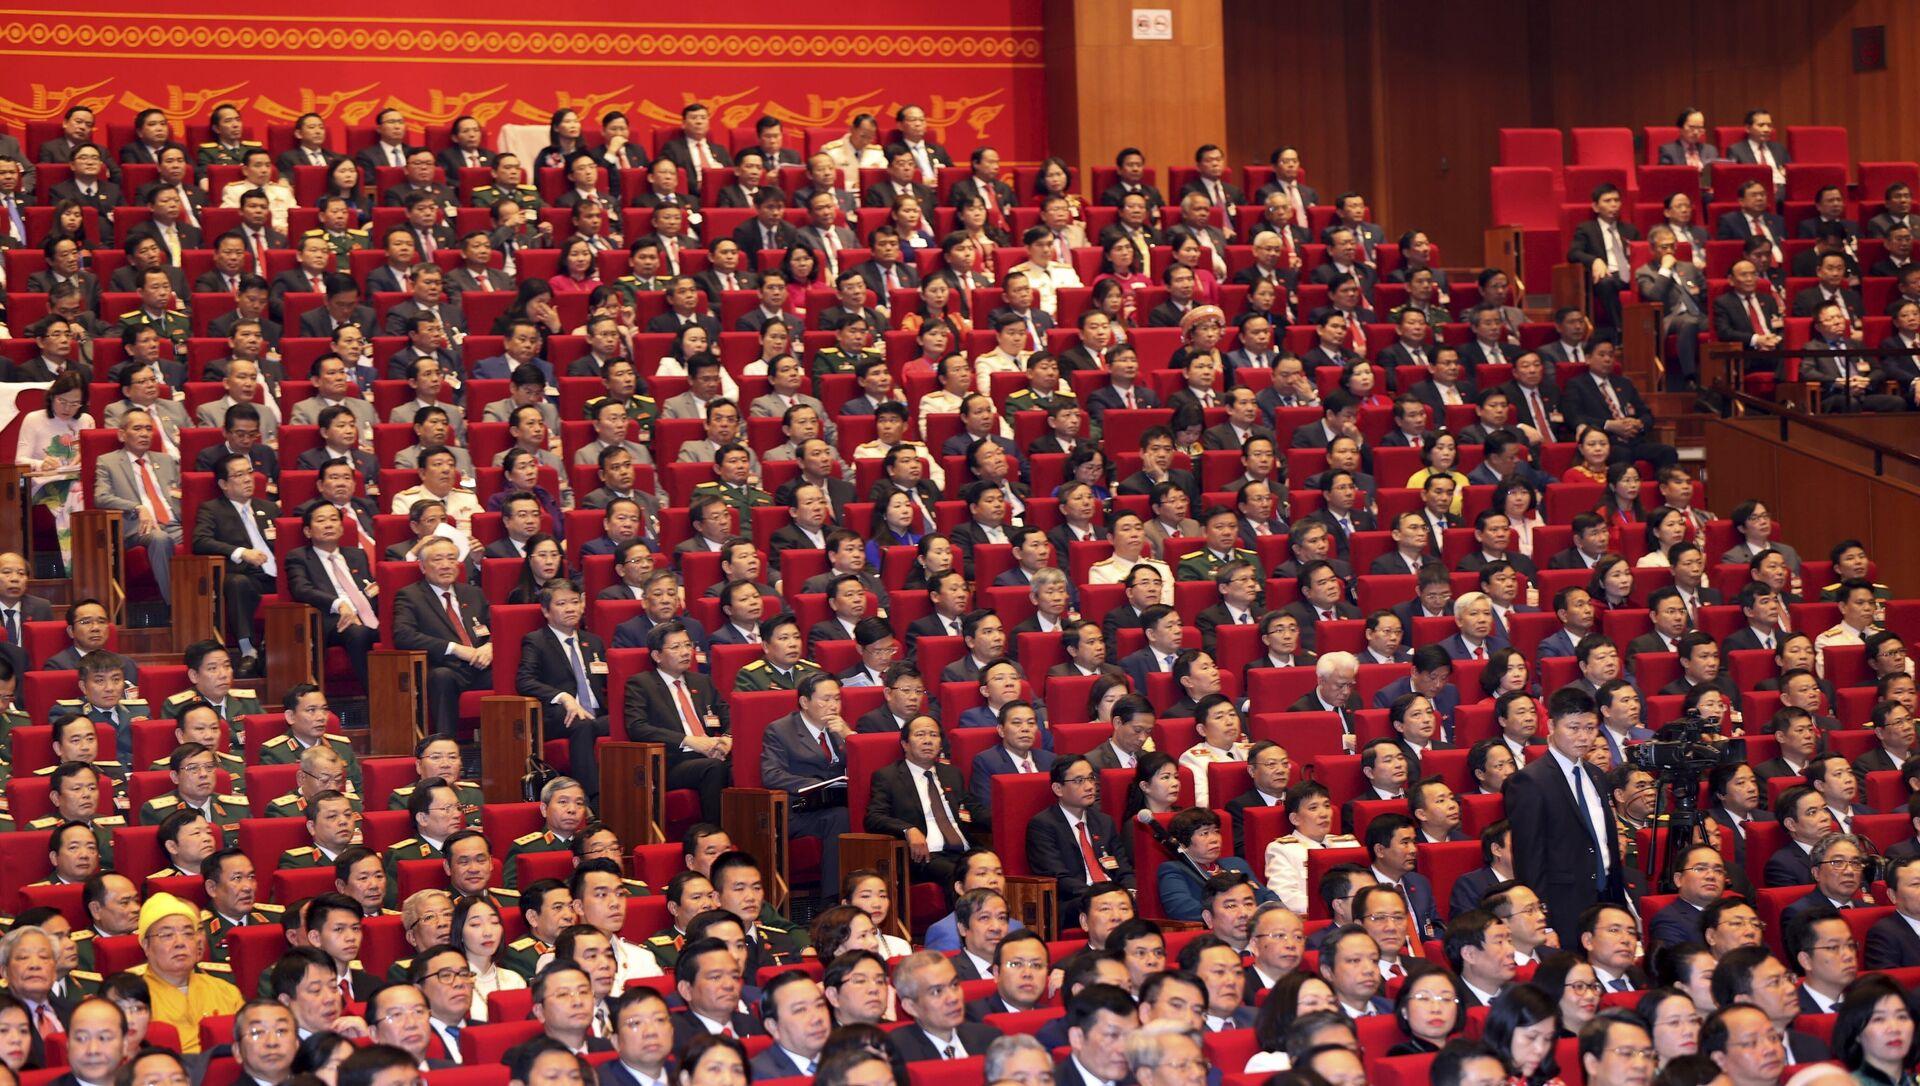 Các đại biểu trong lễ khai mạc Đại hội lần thứ XIII của Đảng Cộng sản Việt Nam tại Hà Nội - Sputnik Việt Nam, 1920, 25.05.2021